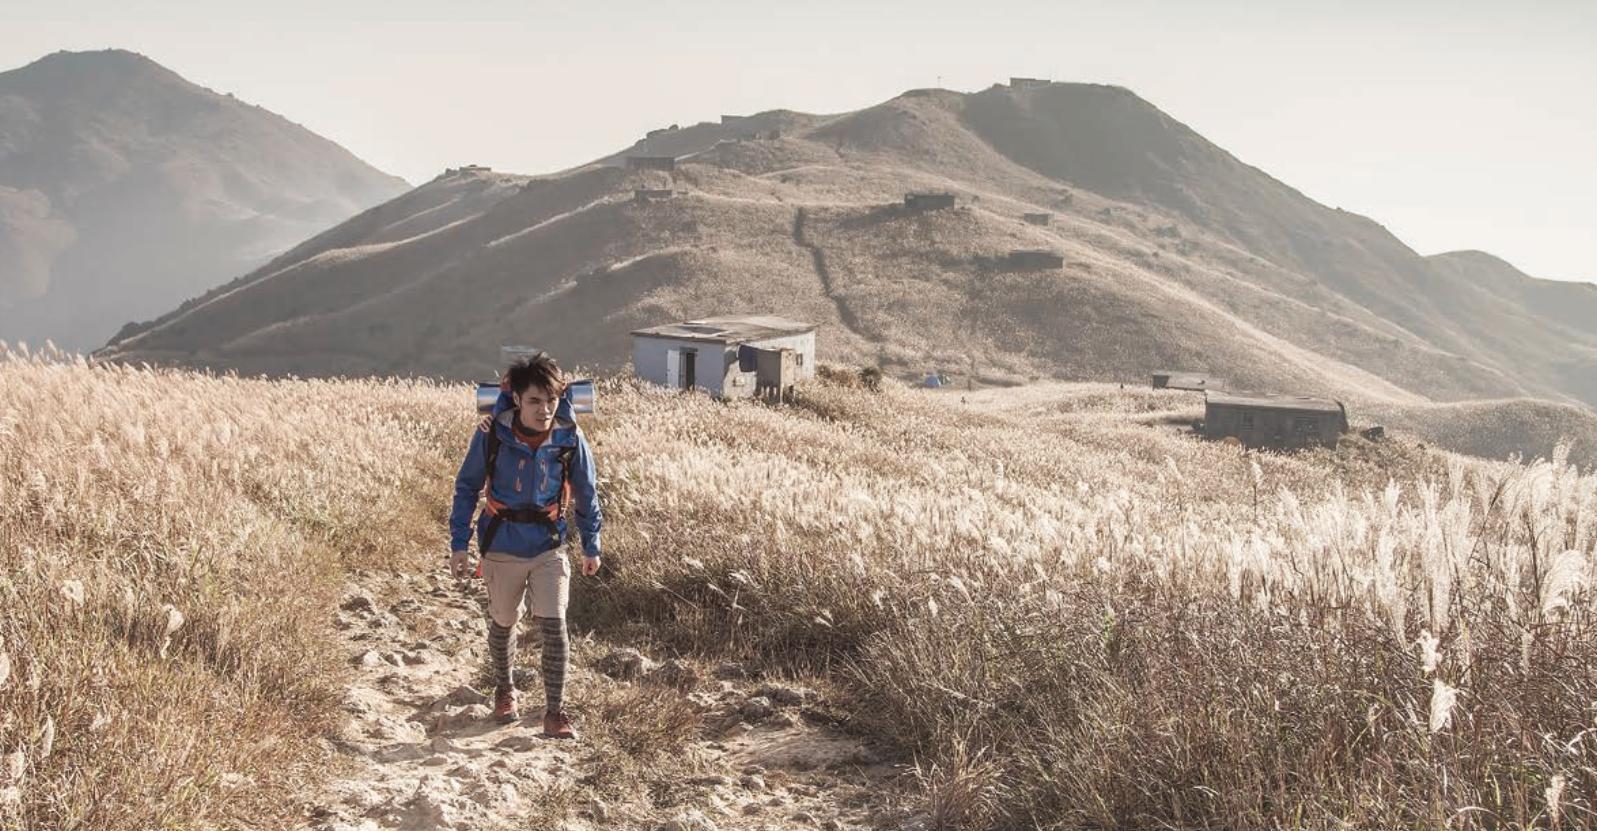 蘇嘉進形容,大自然對攝影師來說是靈感來源,亦是放鬆減壓的地方。